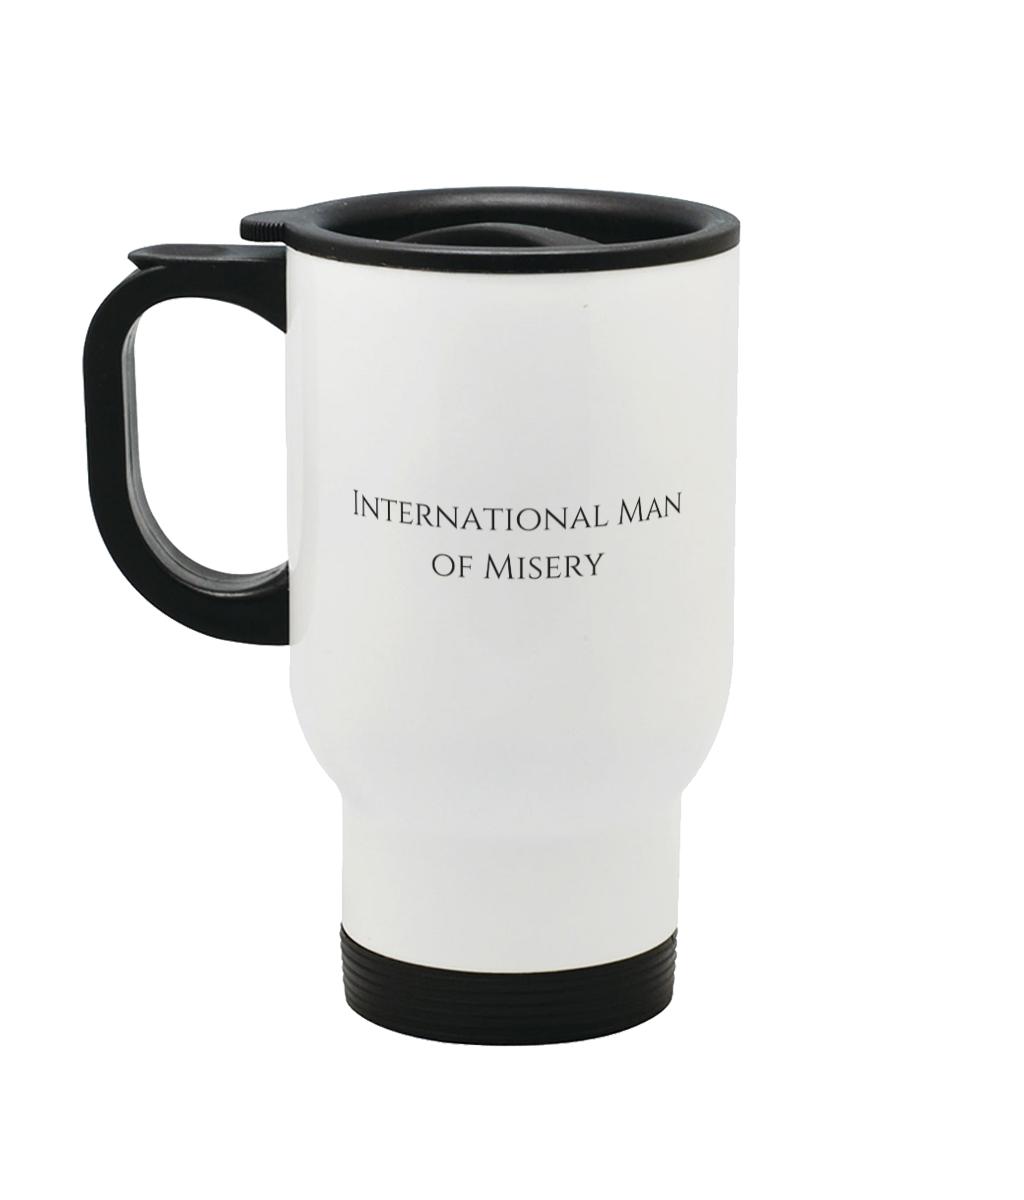 International Man of Misery Stainless Steel Travel Mug Left Side